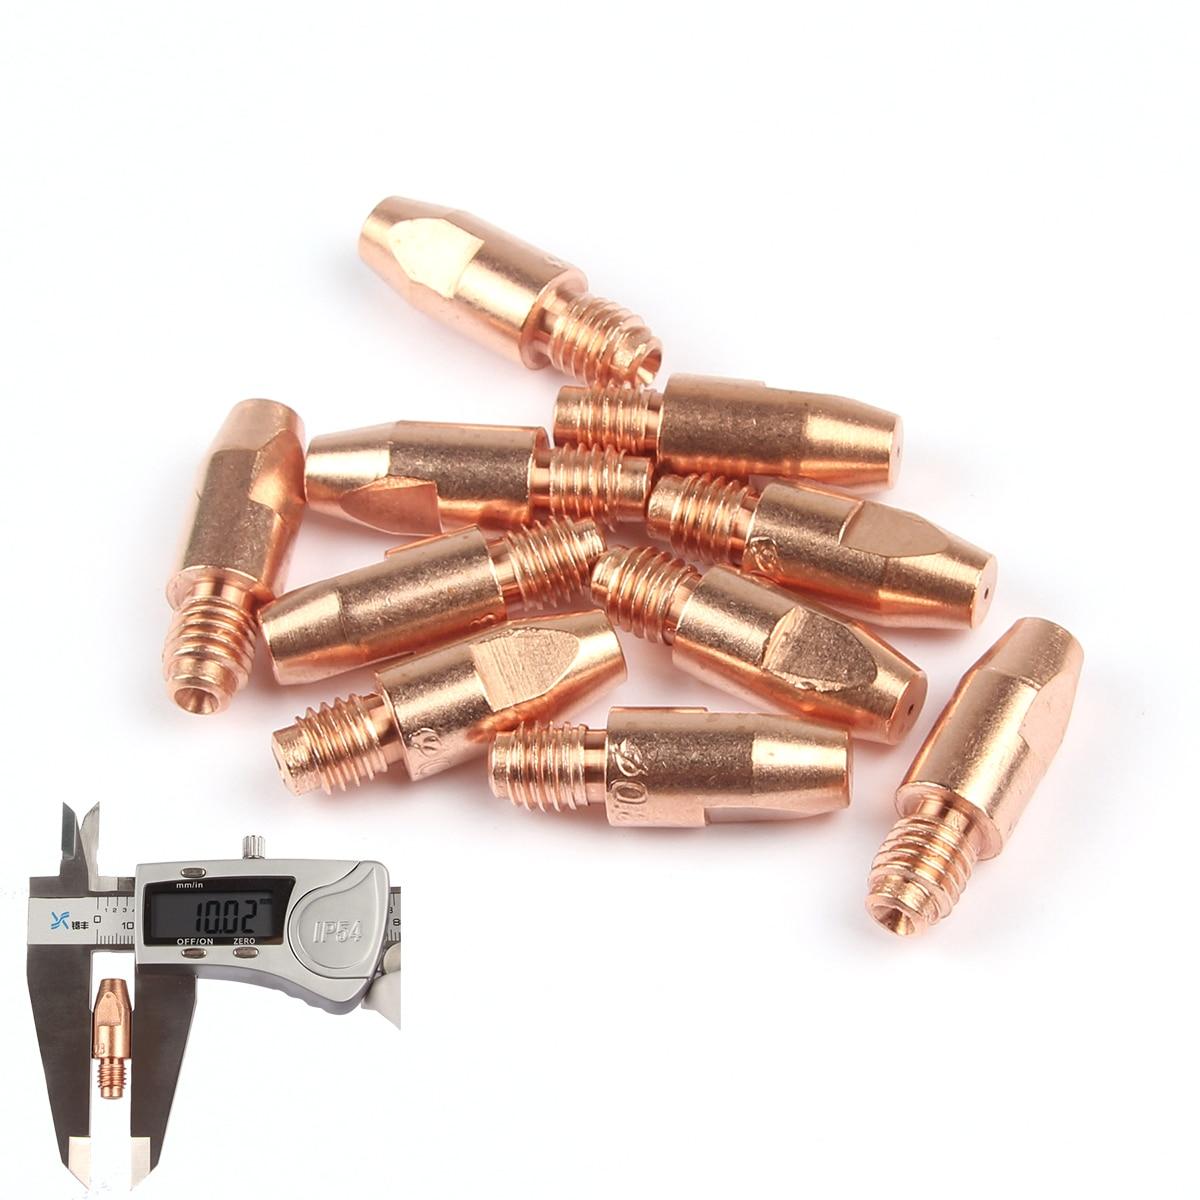 10 Uds MB 36KD puntas de contacto consumibles M8 * 30mm 0,8/1,0/1,2mm soporte antorcha pistola boquilla MIG/MAG Co2/Gas accesorios herramienta de soldadura